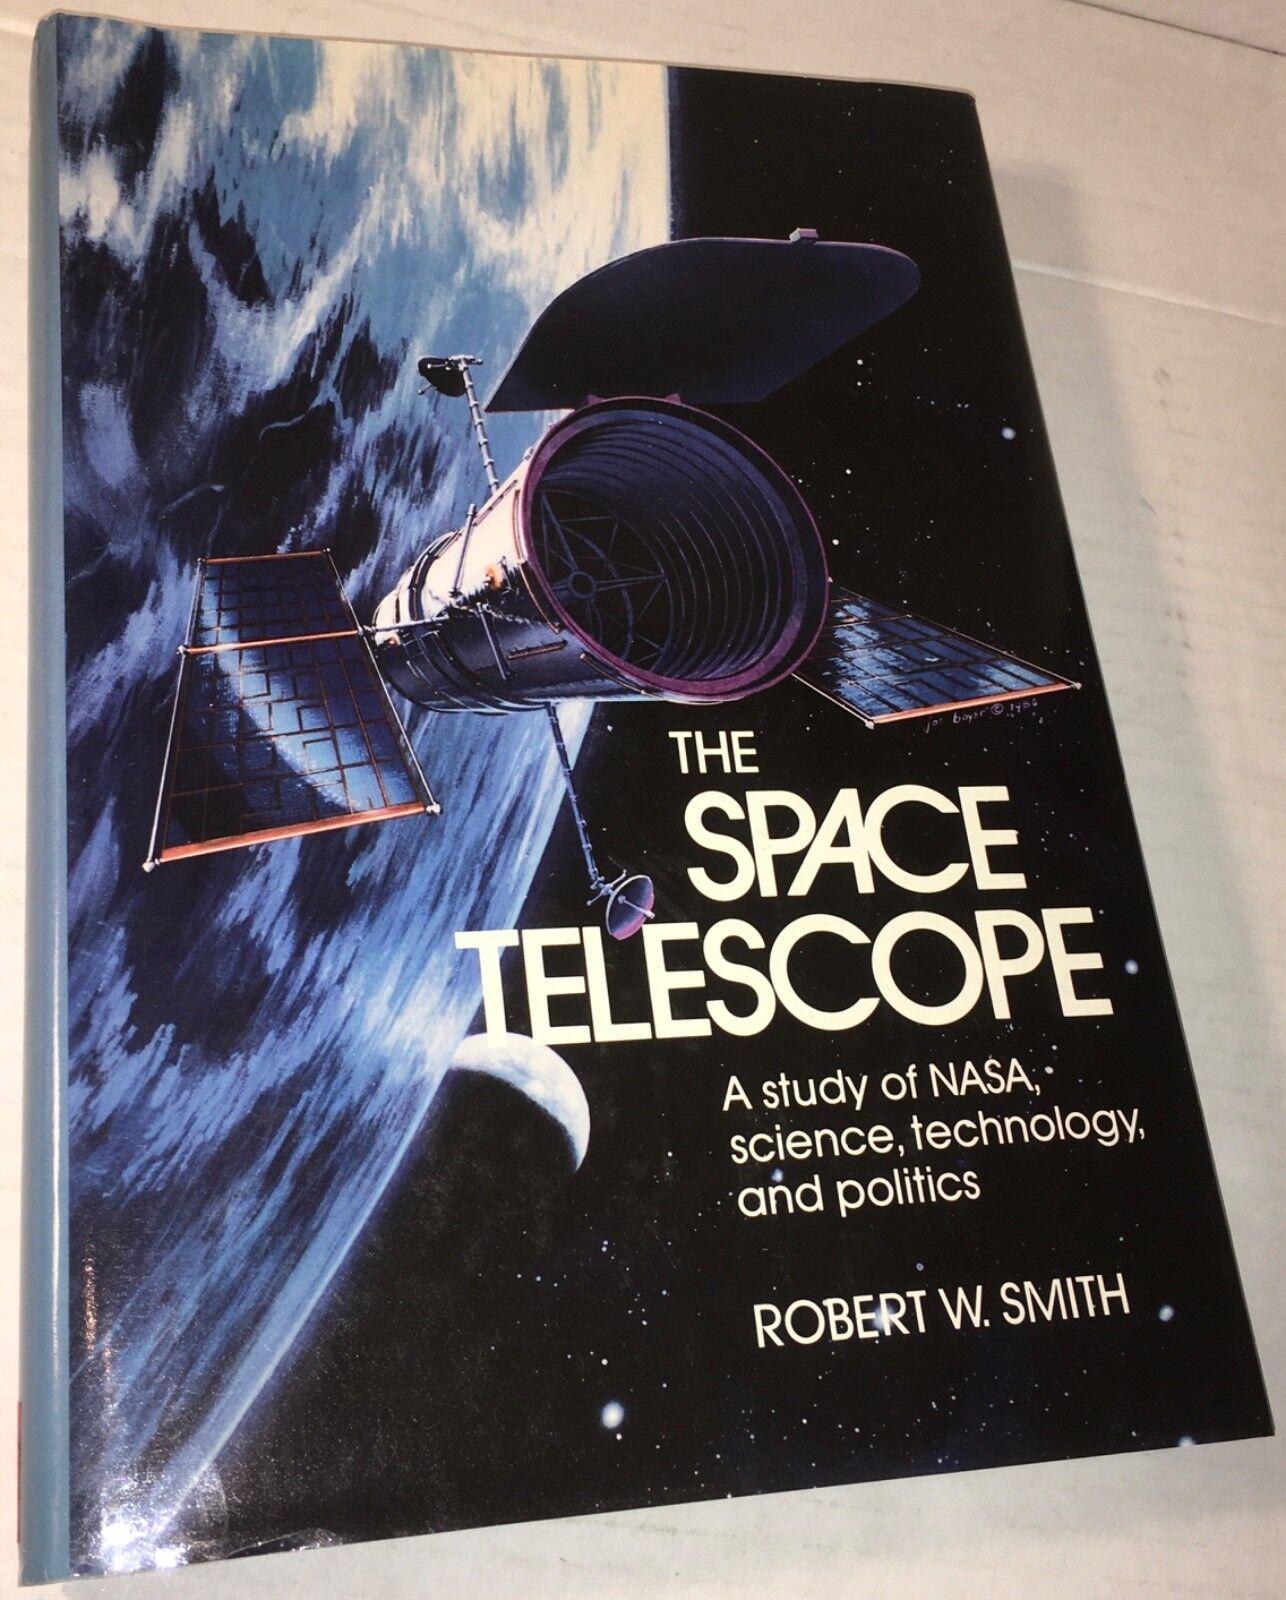 1989 S TELESCOPA -STUDIE AV NASA s vetenskapliga TEKNIK POLITIKHerregud